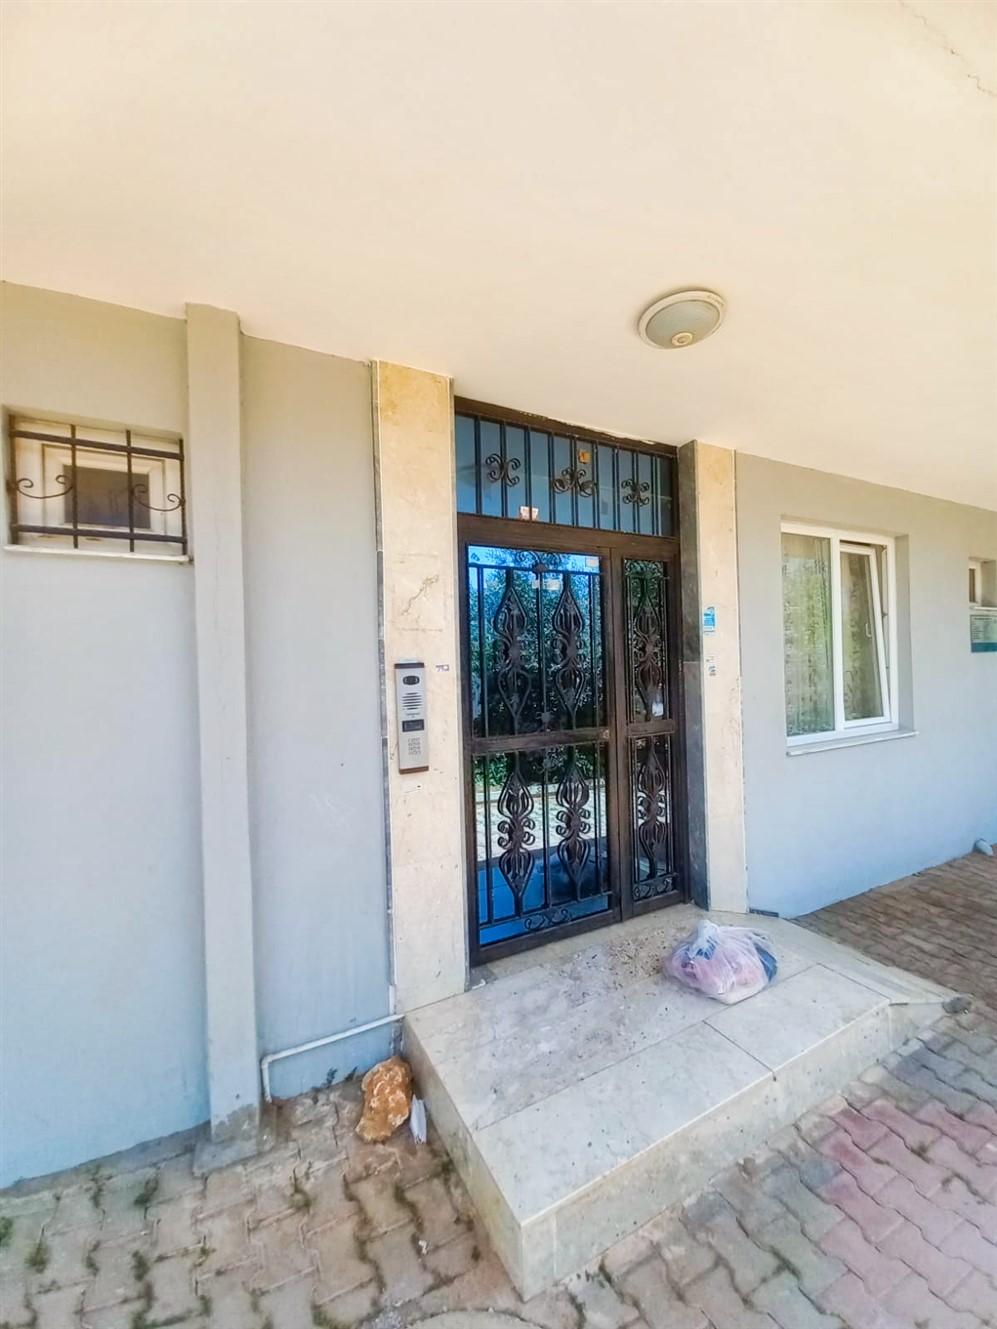 Трёхкомнатная квартира в районе Кепез по очень выгодной цене - Фото 3